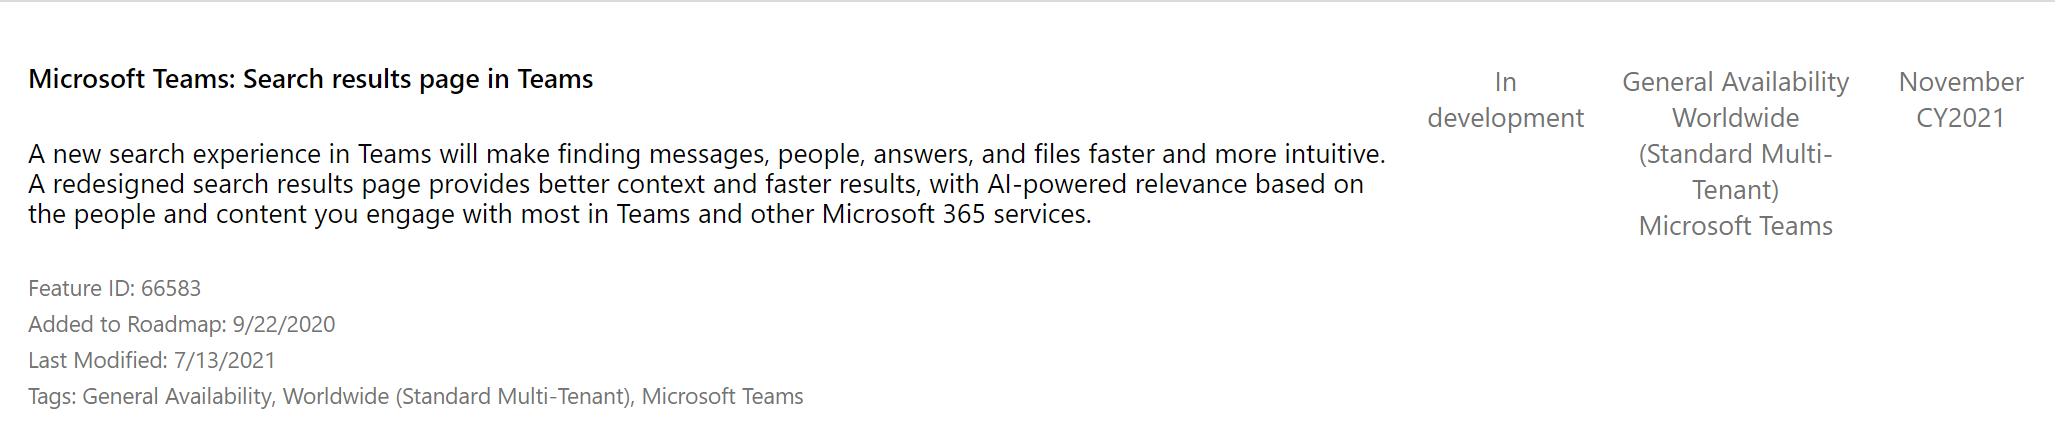 La nouvelle recherche dans Microsoft Teams